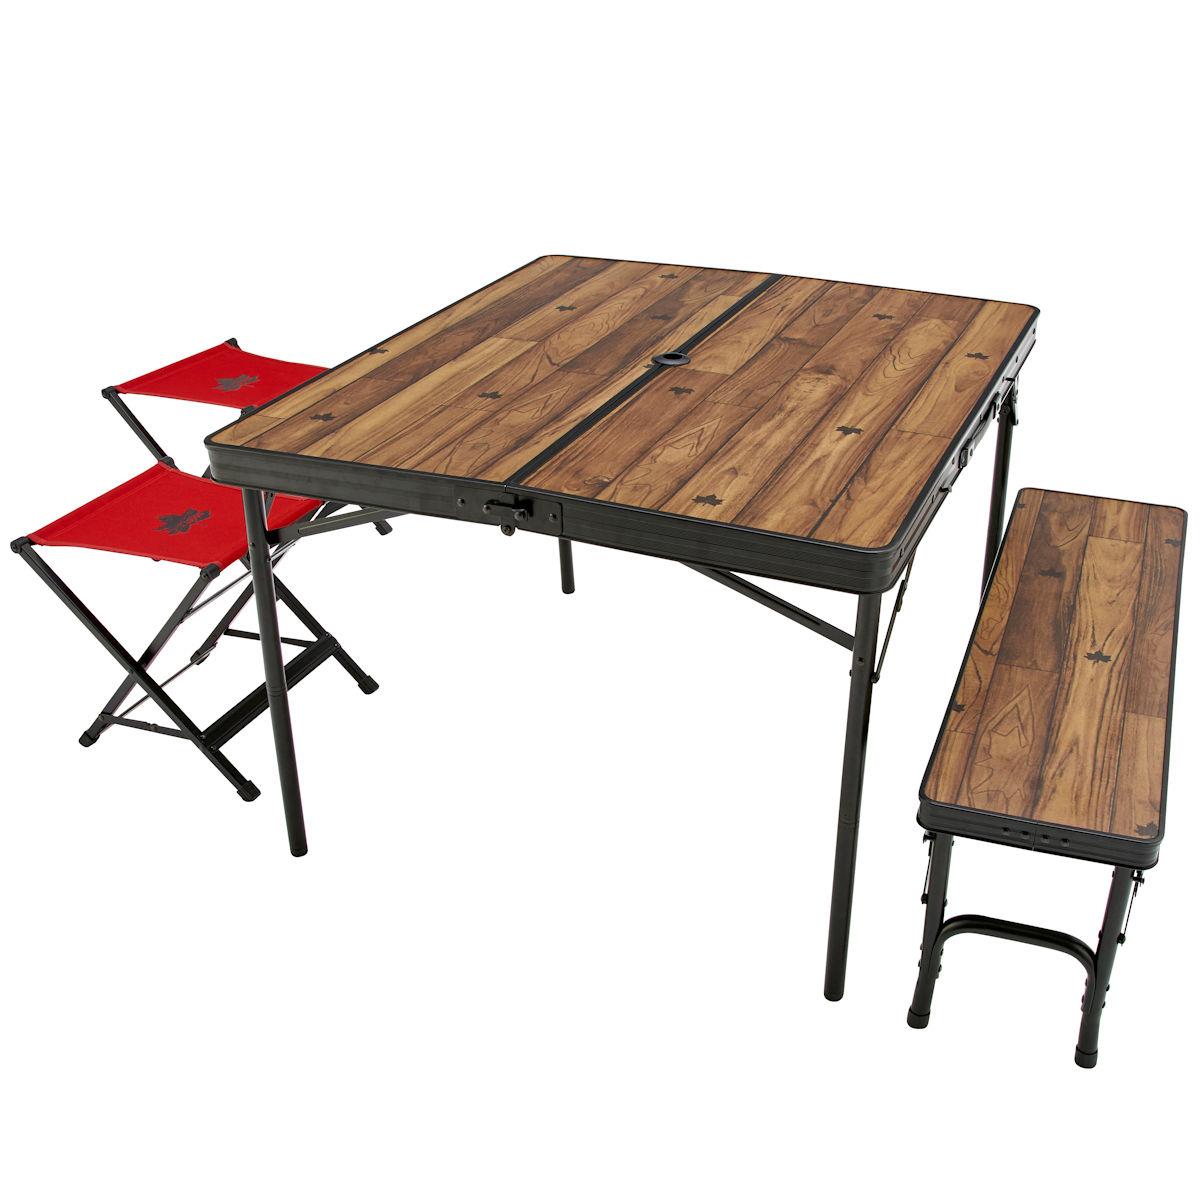 ロゴス(LOGOS) フォールディングテーブル Tracksleeper ベンチ&チェアテーブルセット4 73188004 ファニチャー(テーブル イス) テーブル 机 キャンプ アウトドア